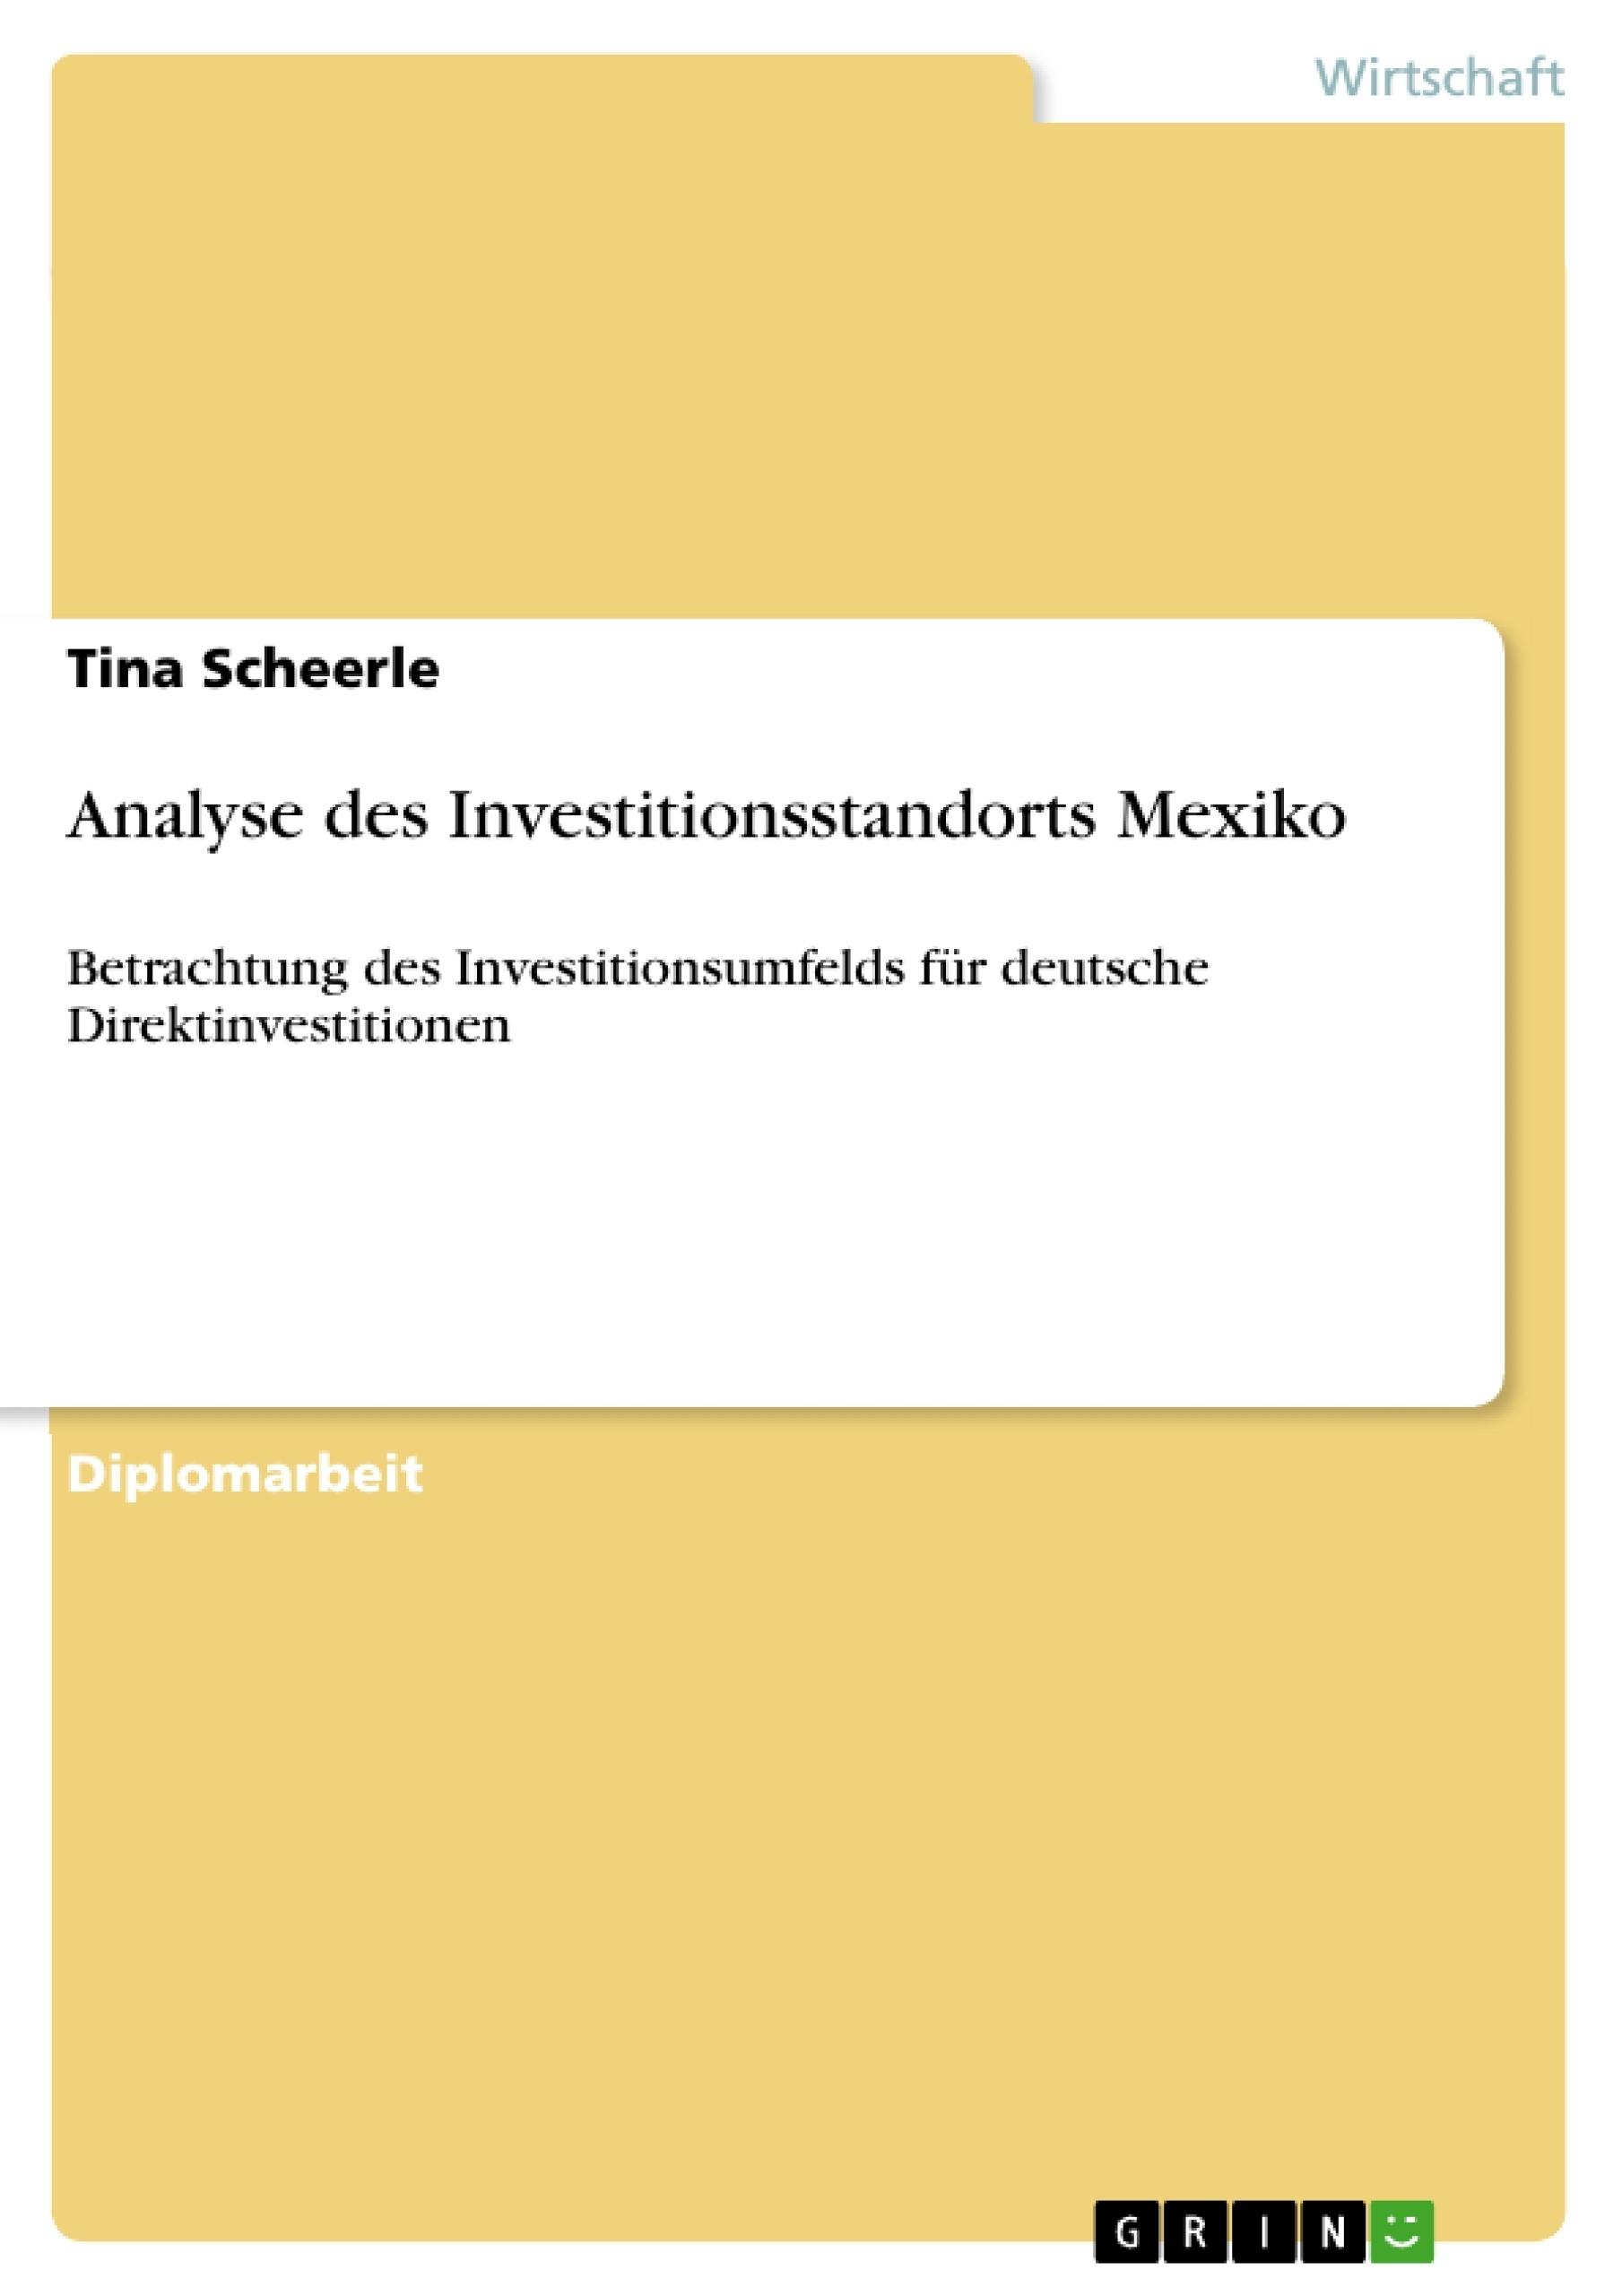 Titel: Analyse des Investitionsstandorts Mexiko